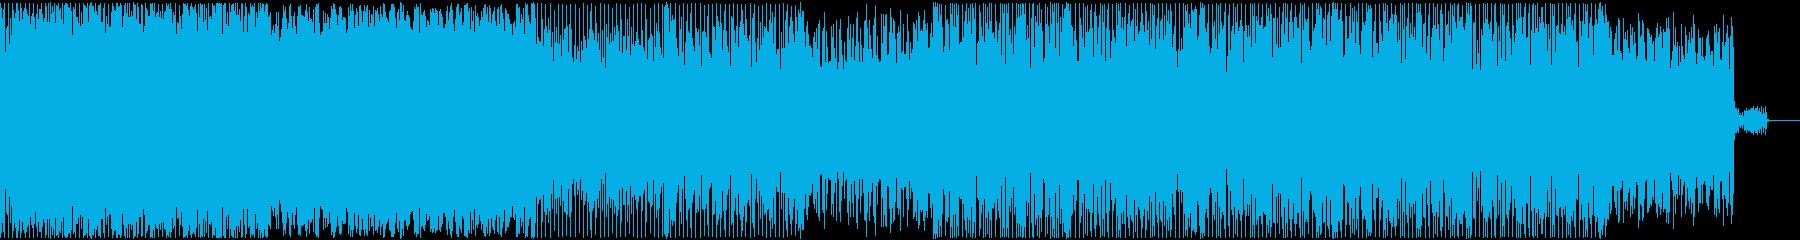 不思議な感じのアンビエントソングの再生済みの波形